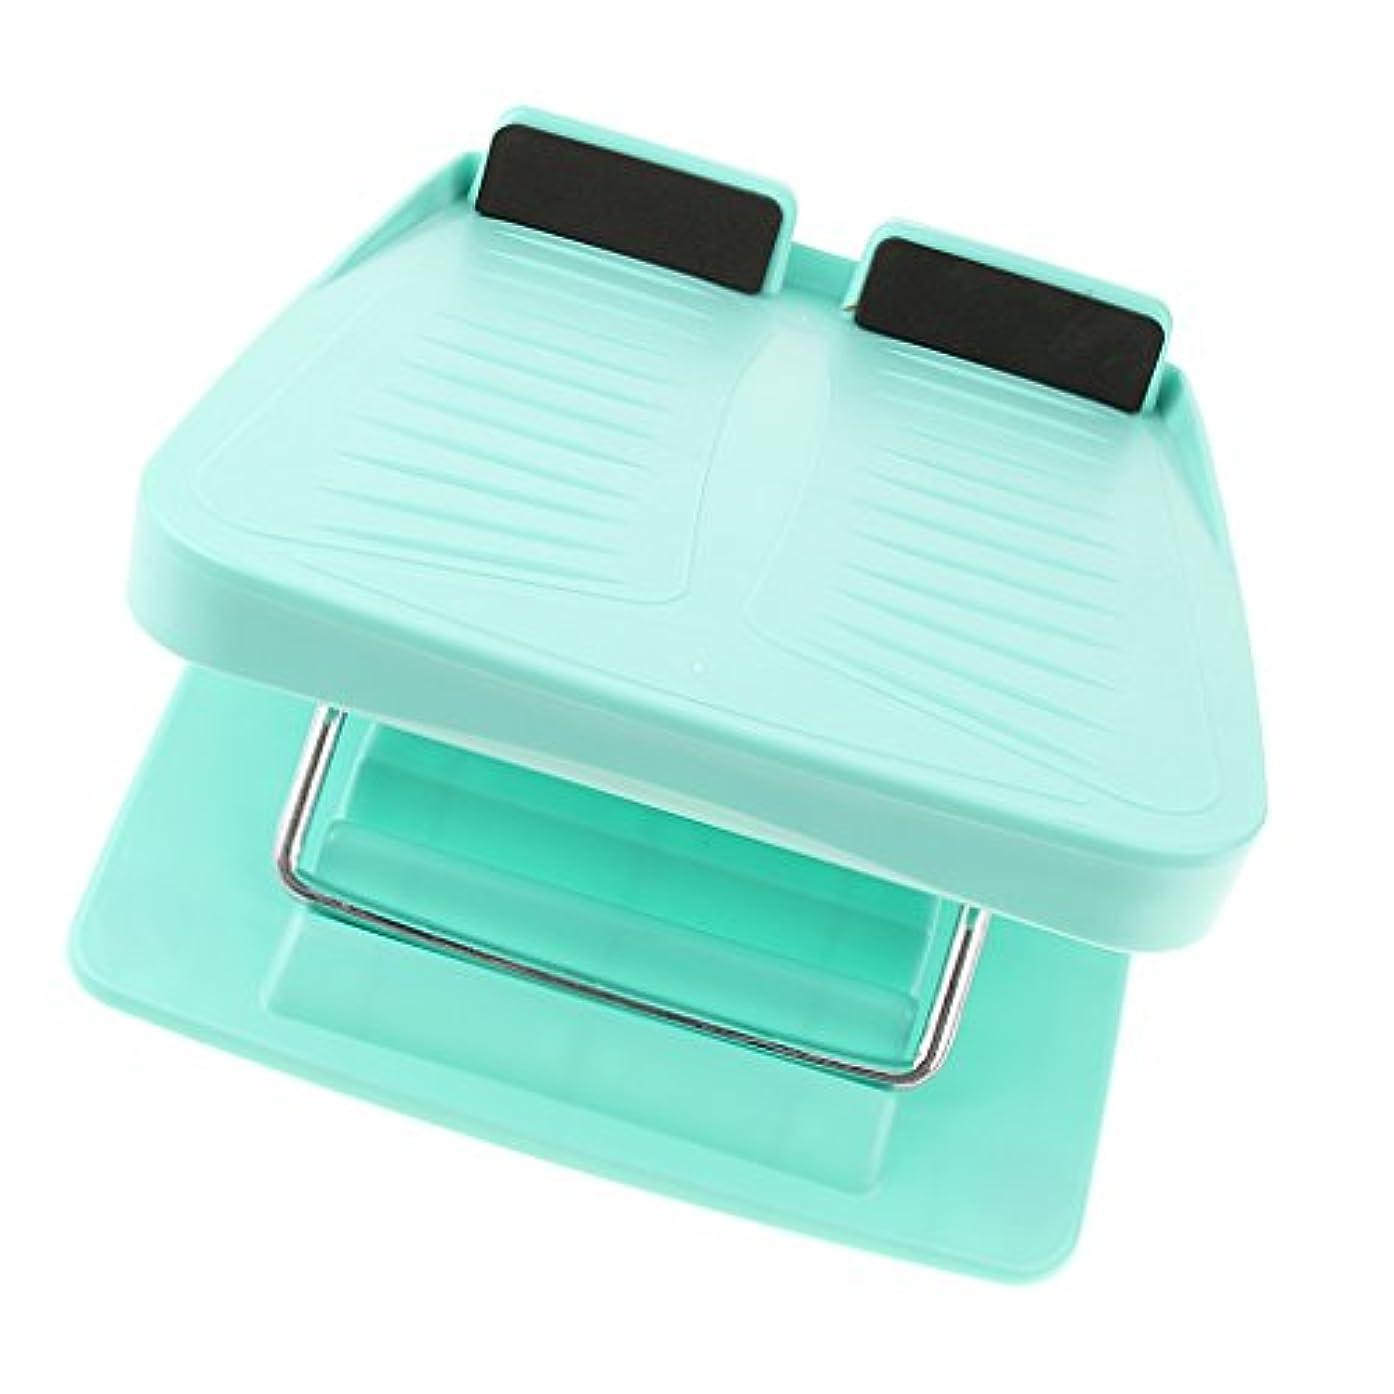 経済パーツ受益者sharprepublic 調整可能 スラントボード アンチスリップ カーフストレッチ 斜面ボード ウェッジストレッチャー 3色 - 青